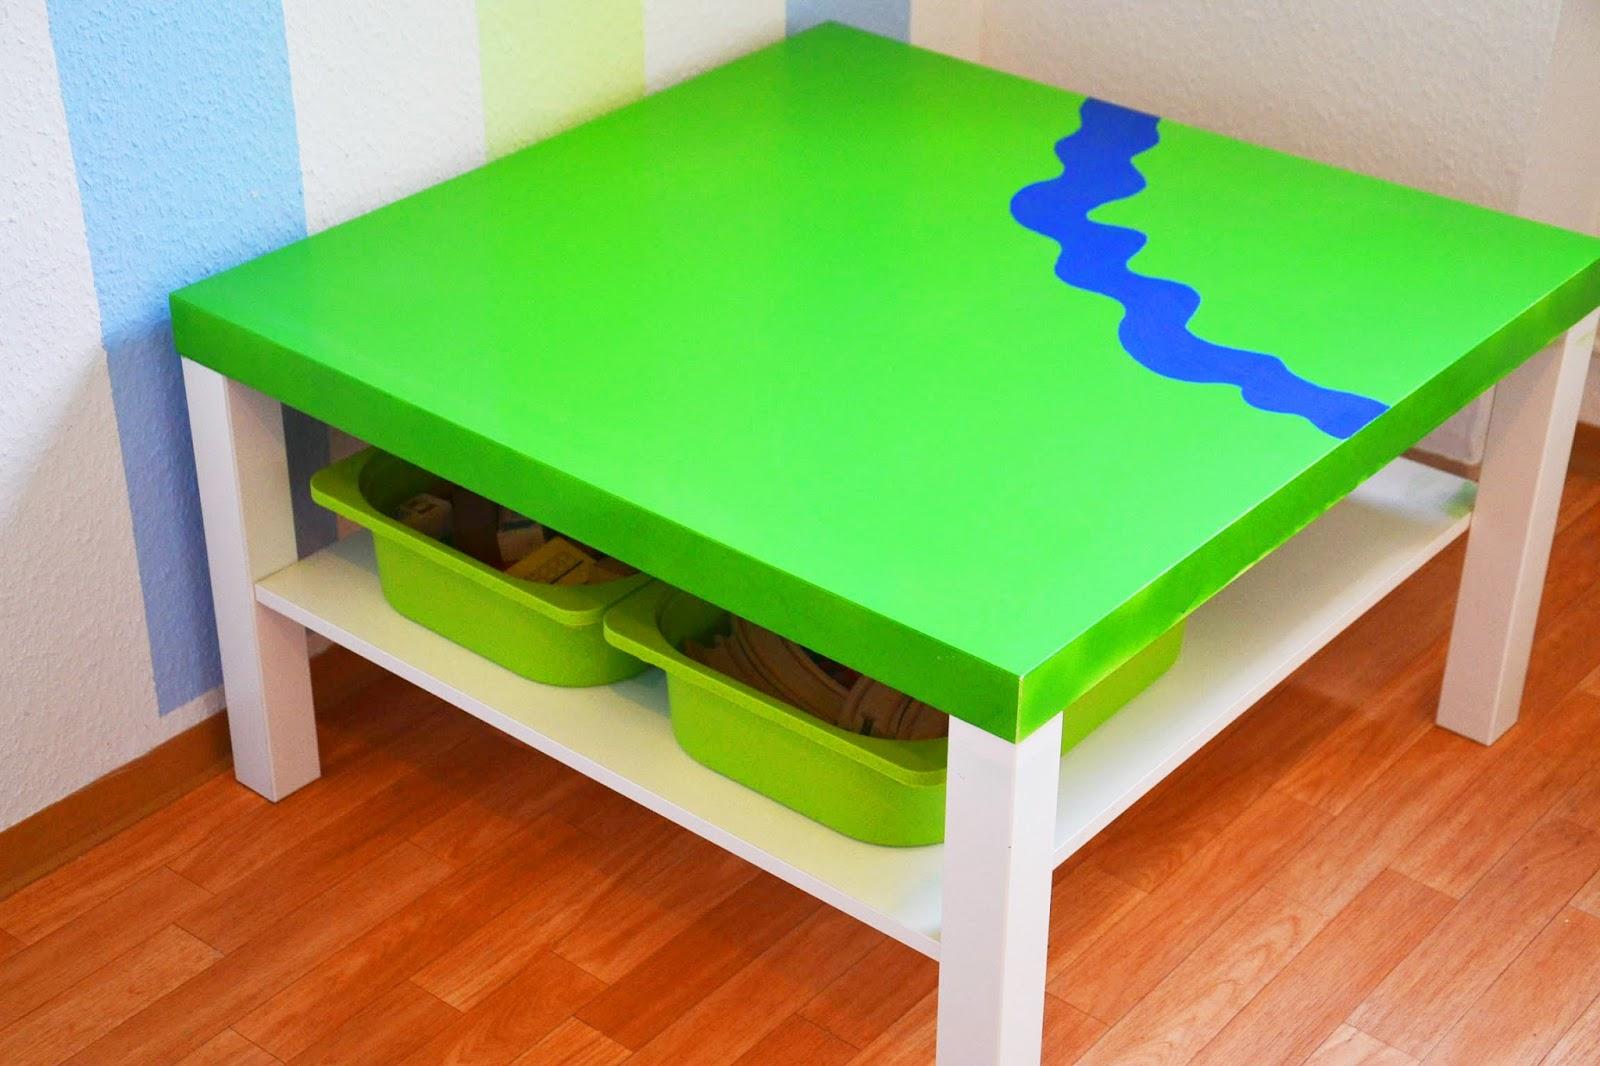 lego tisch ikea swalif. Black Bedroom Furniture Sets. Home Design Ideas